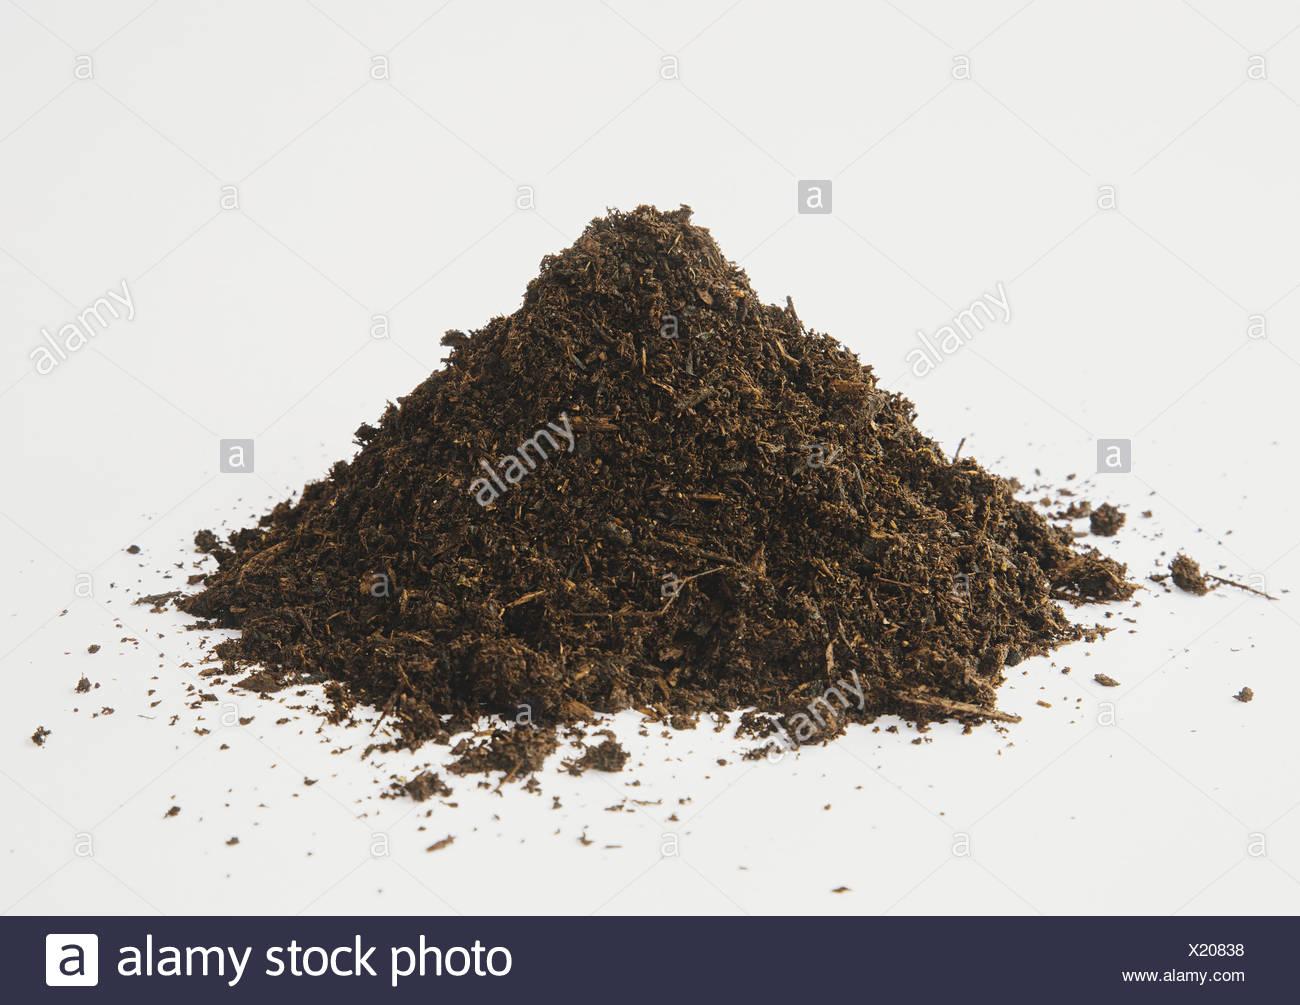 Seattle Washington USA pile of organic compost on white background - Stock Image